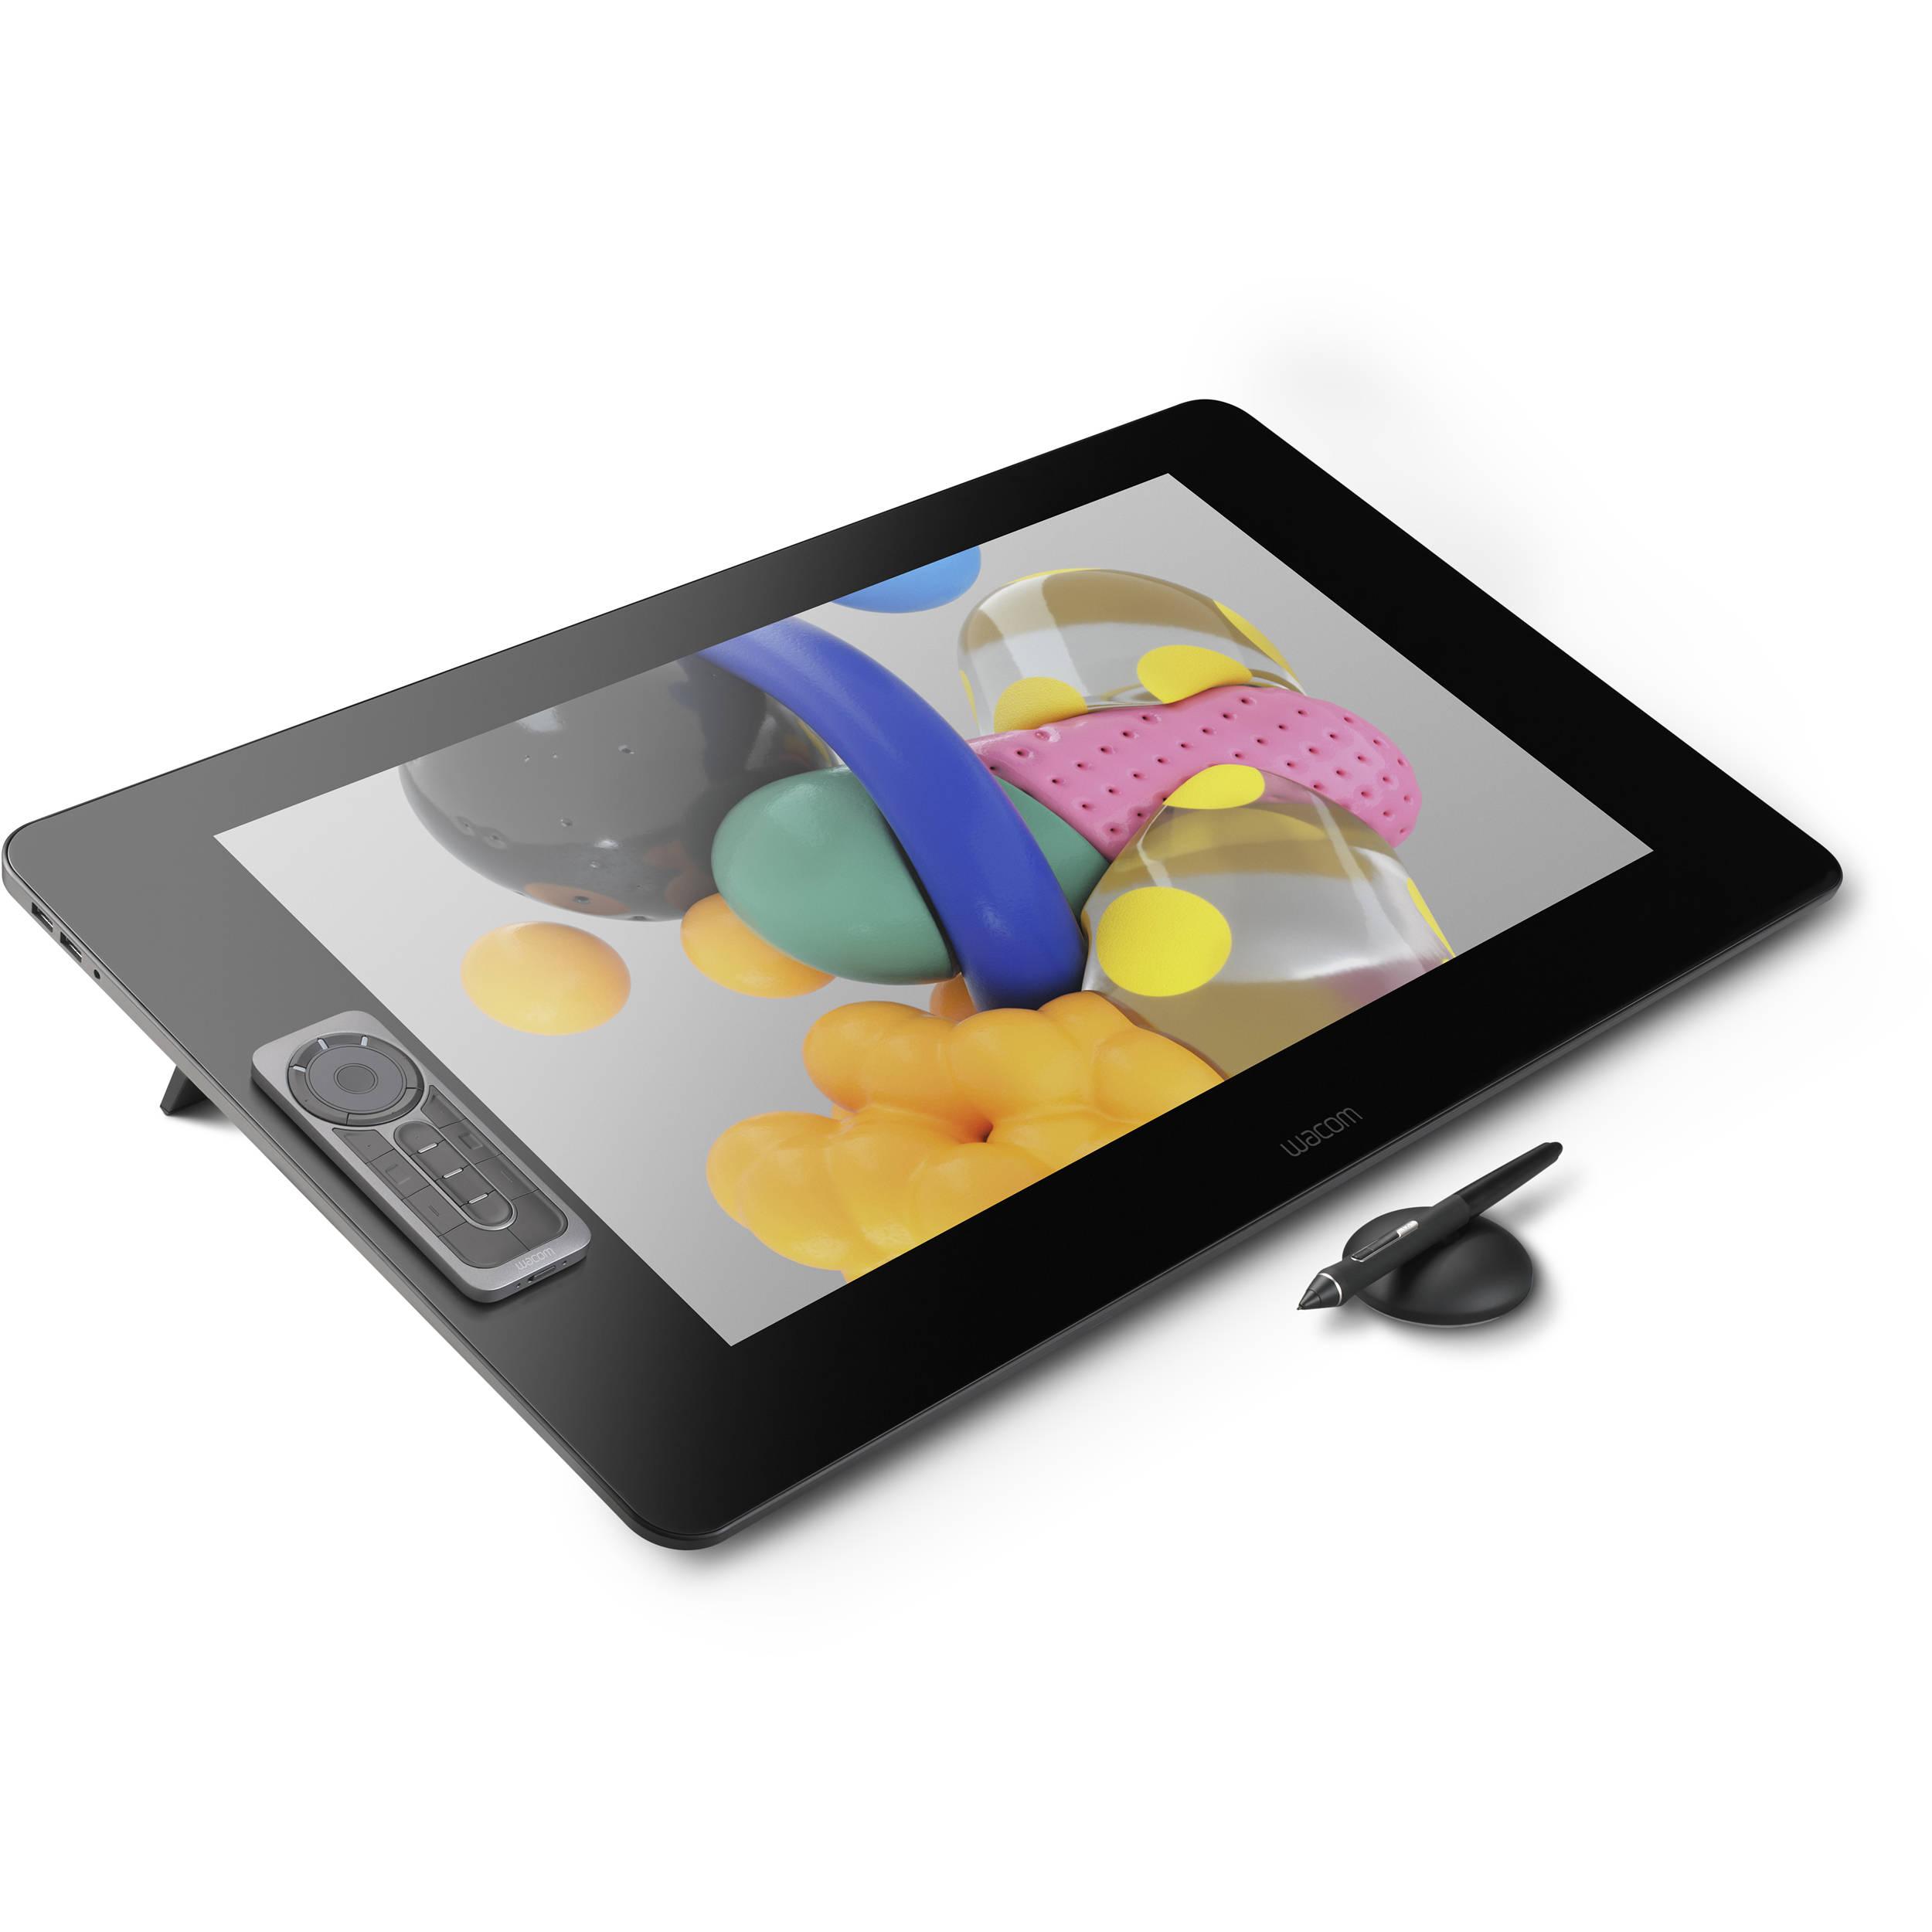 Tablette graphique Wacom Cintiq Pro, 24 (eu-store.wacom.com)